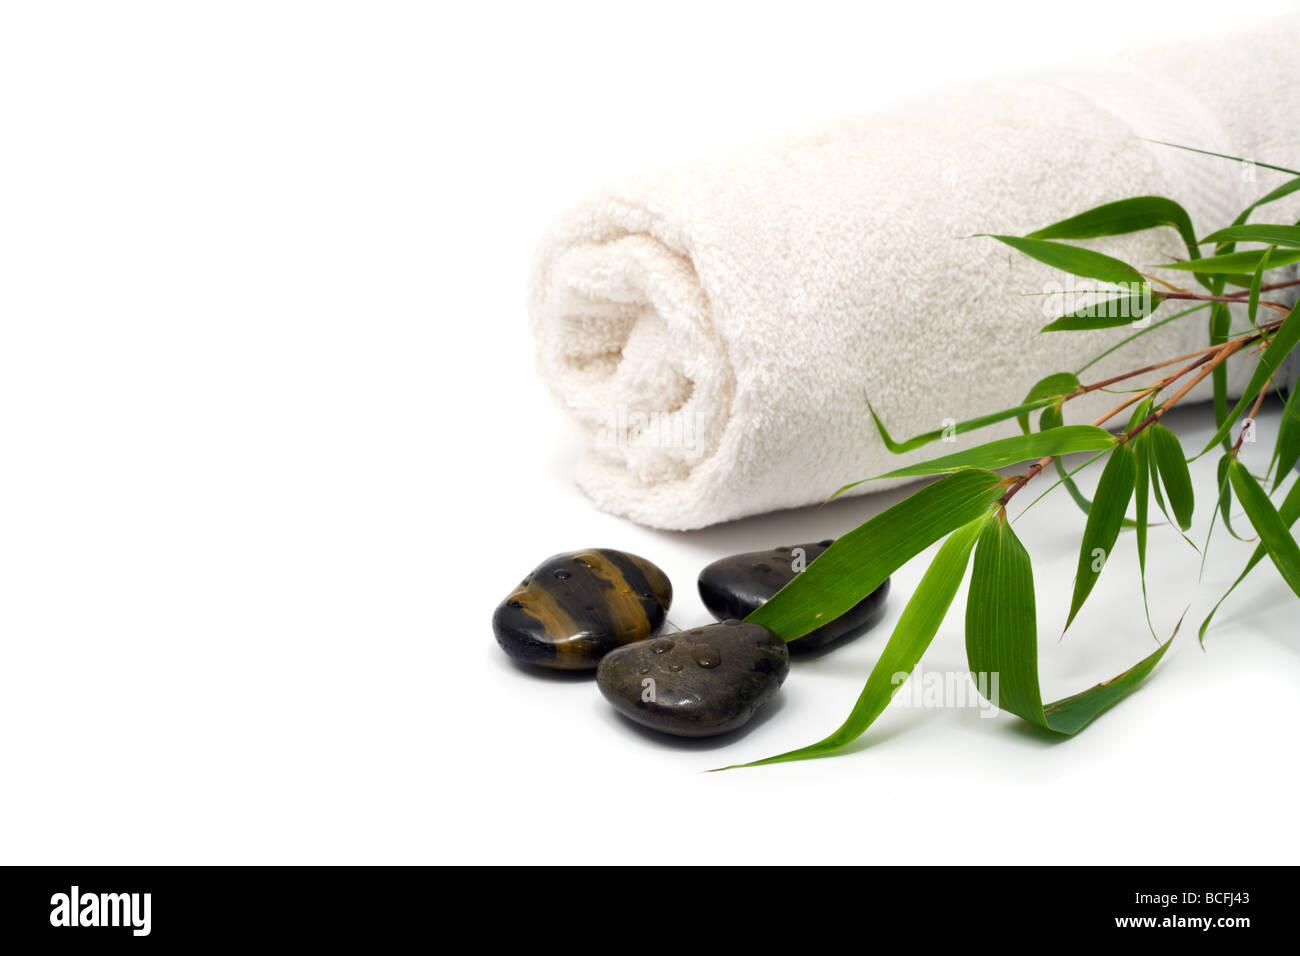 Wellness- und Spa-Konzept mit gerollten Handtuch, Kiesel, Bambus-Zweig, Ausschnitt Stockbild